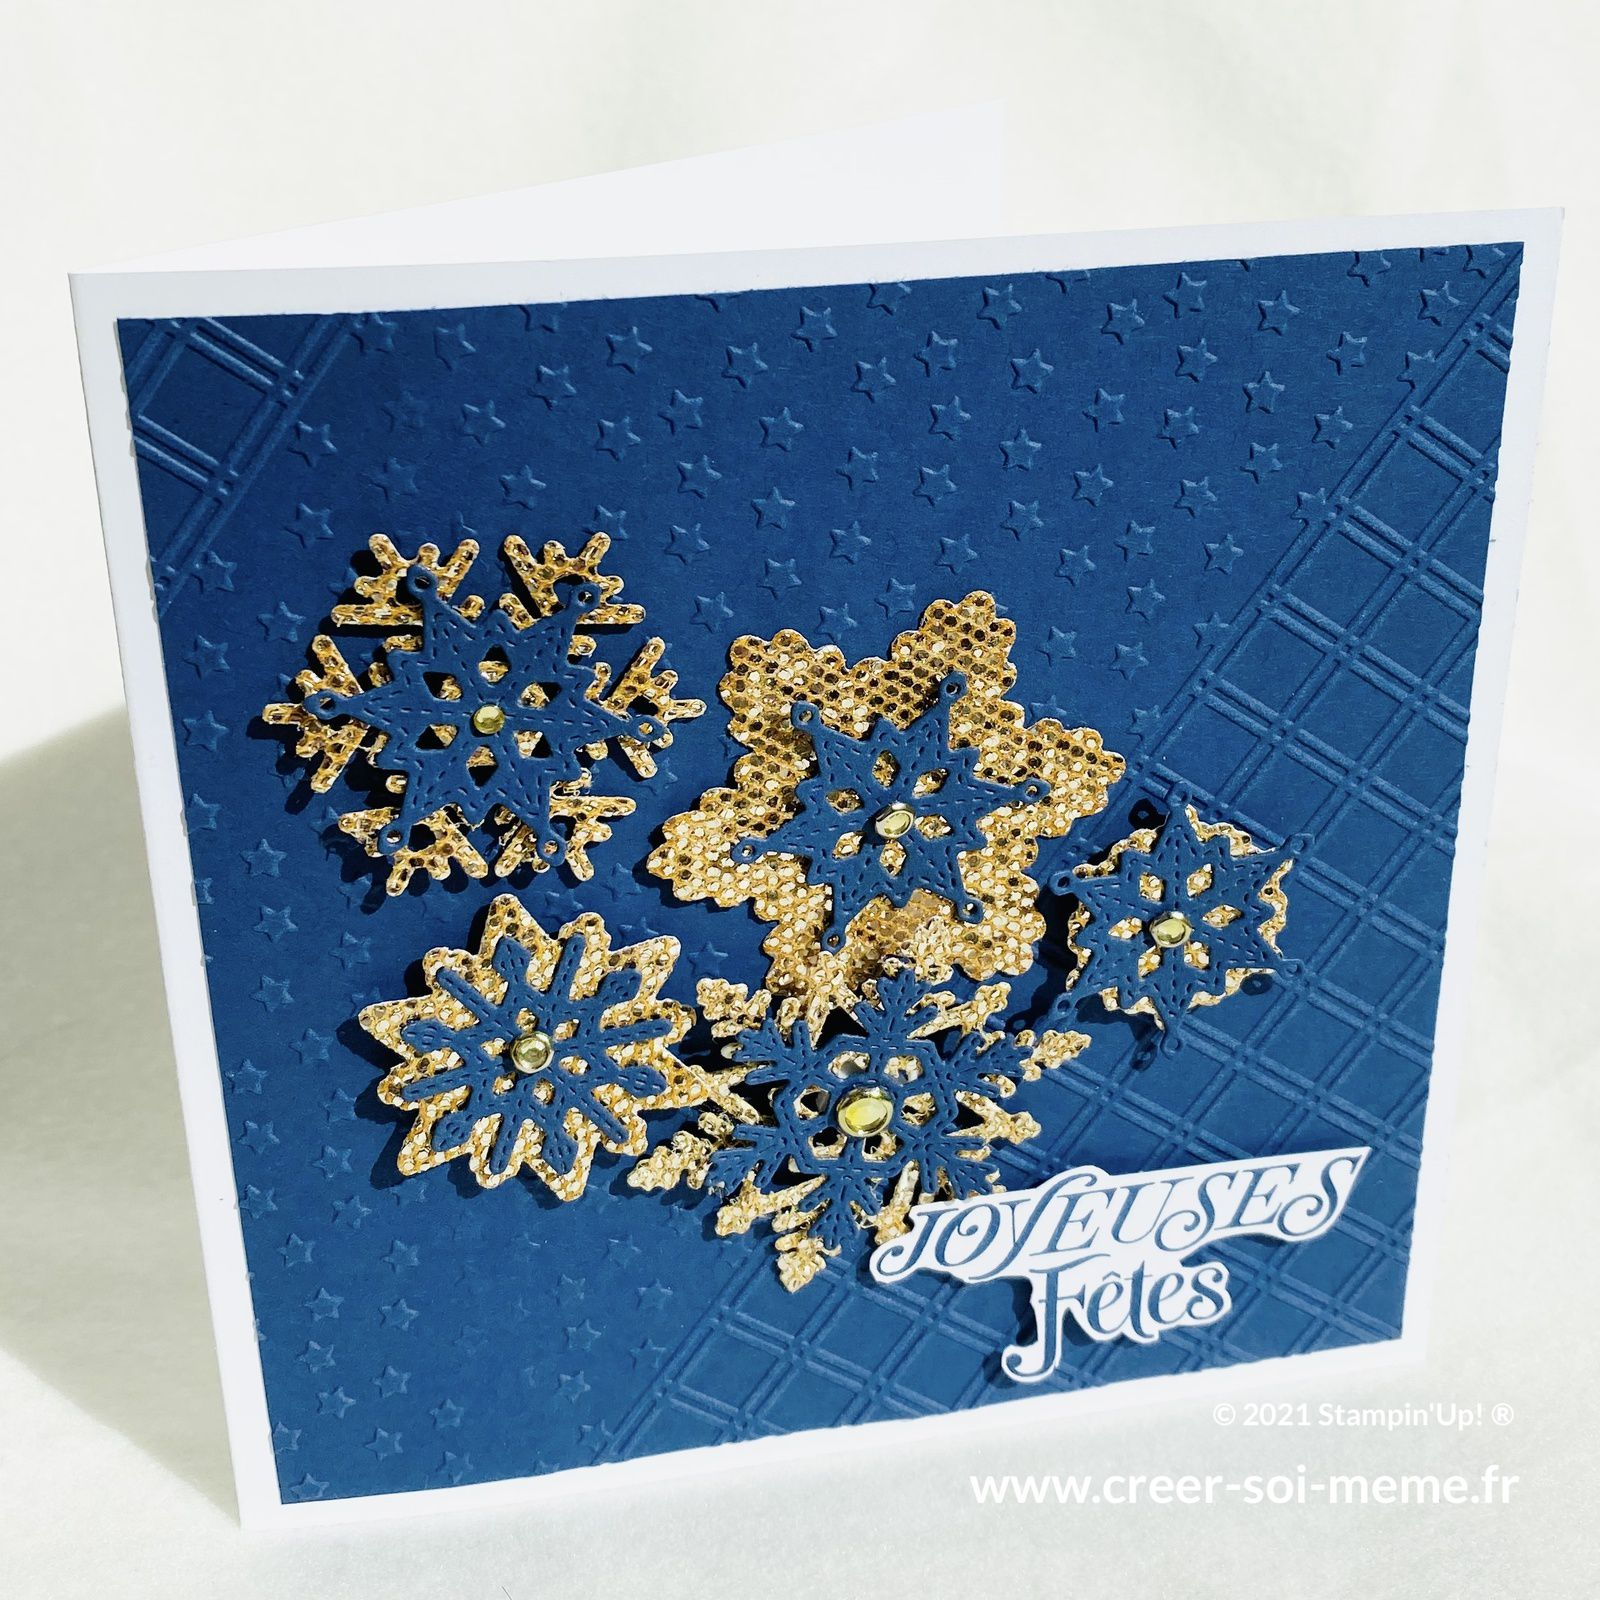 carte bleu noel flocons stampin up poincons surpiques neige joyeux loisirs créatifs scrap carterie france